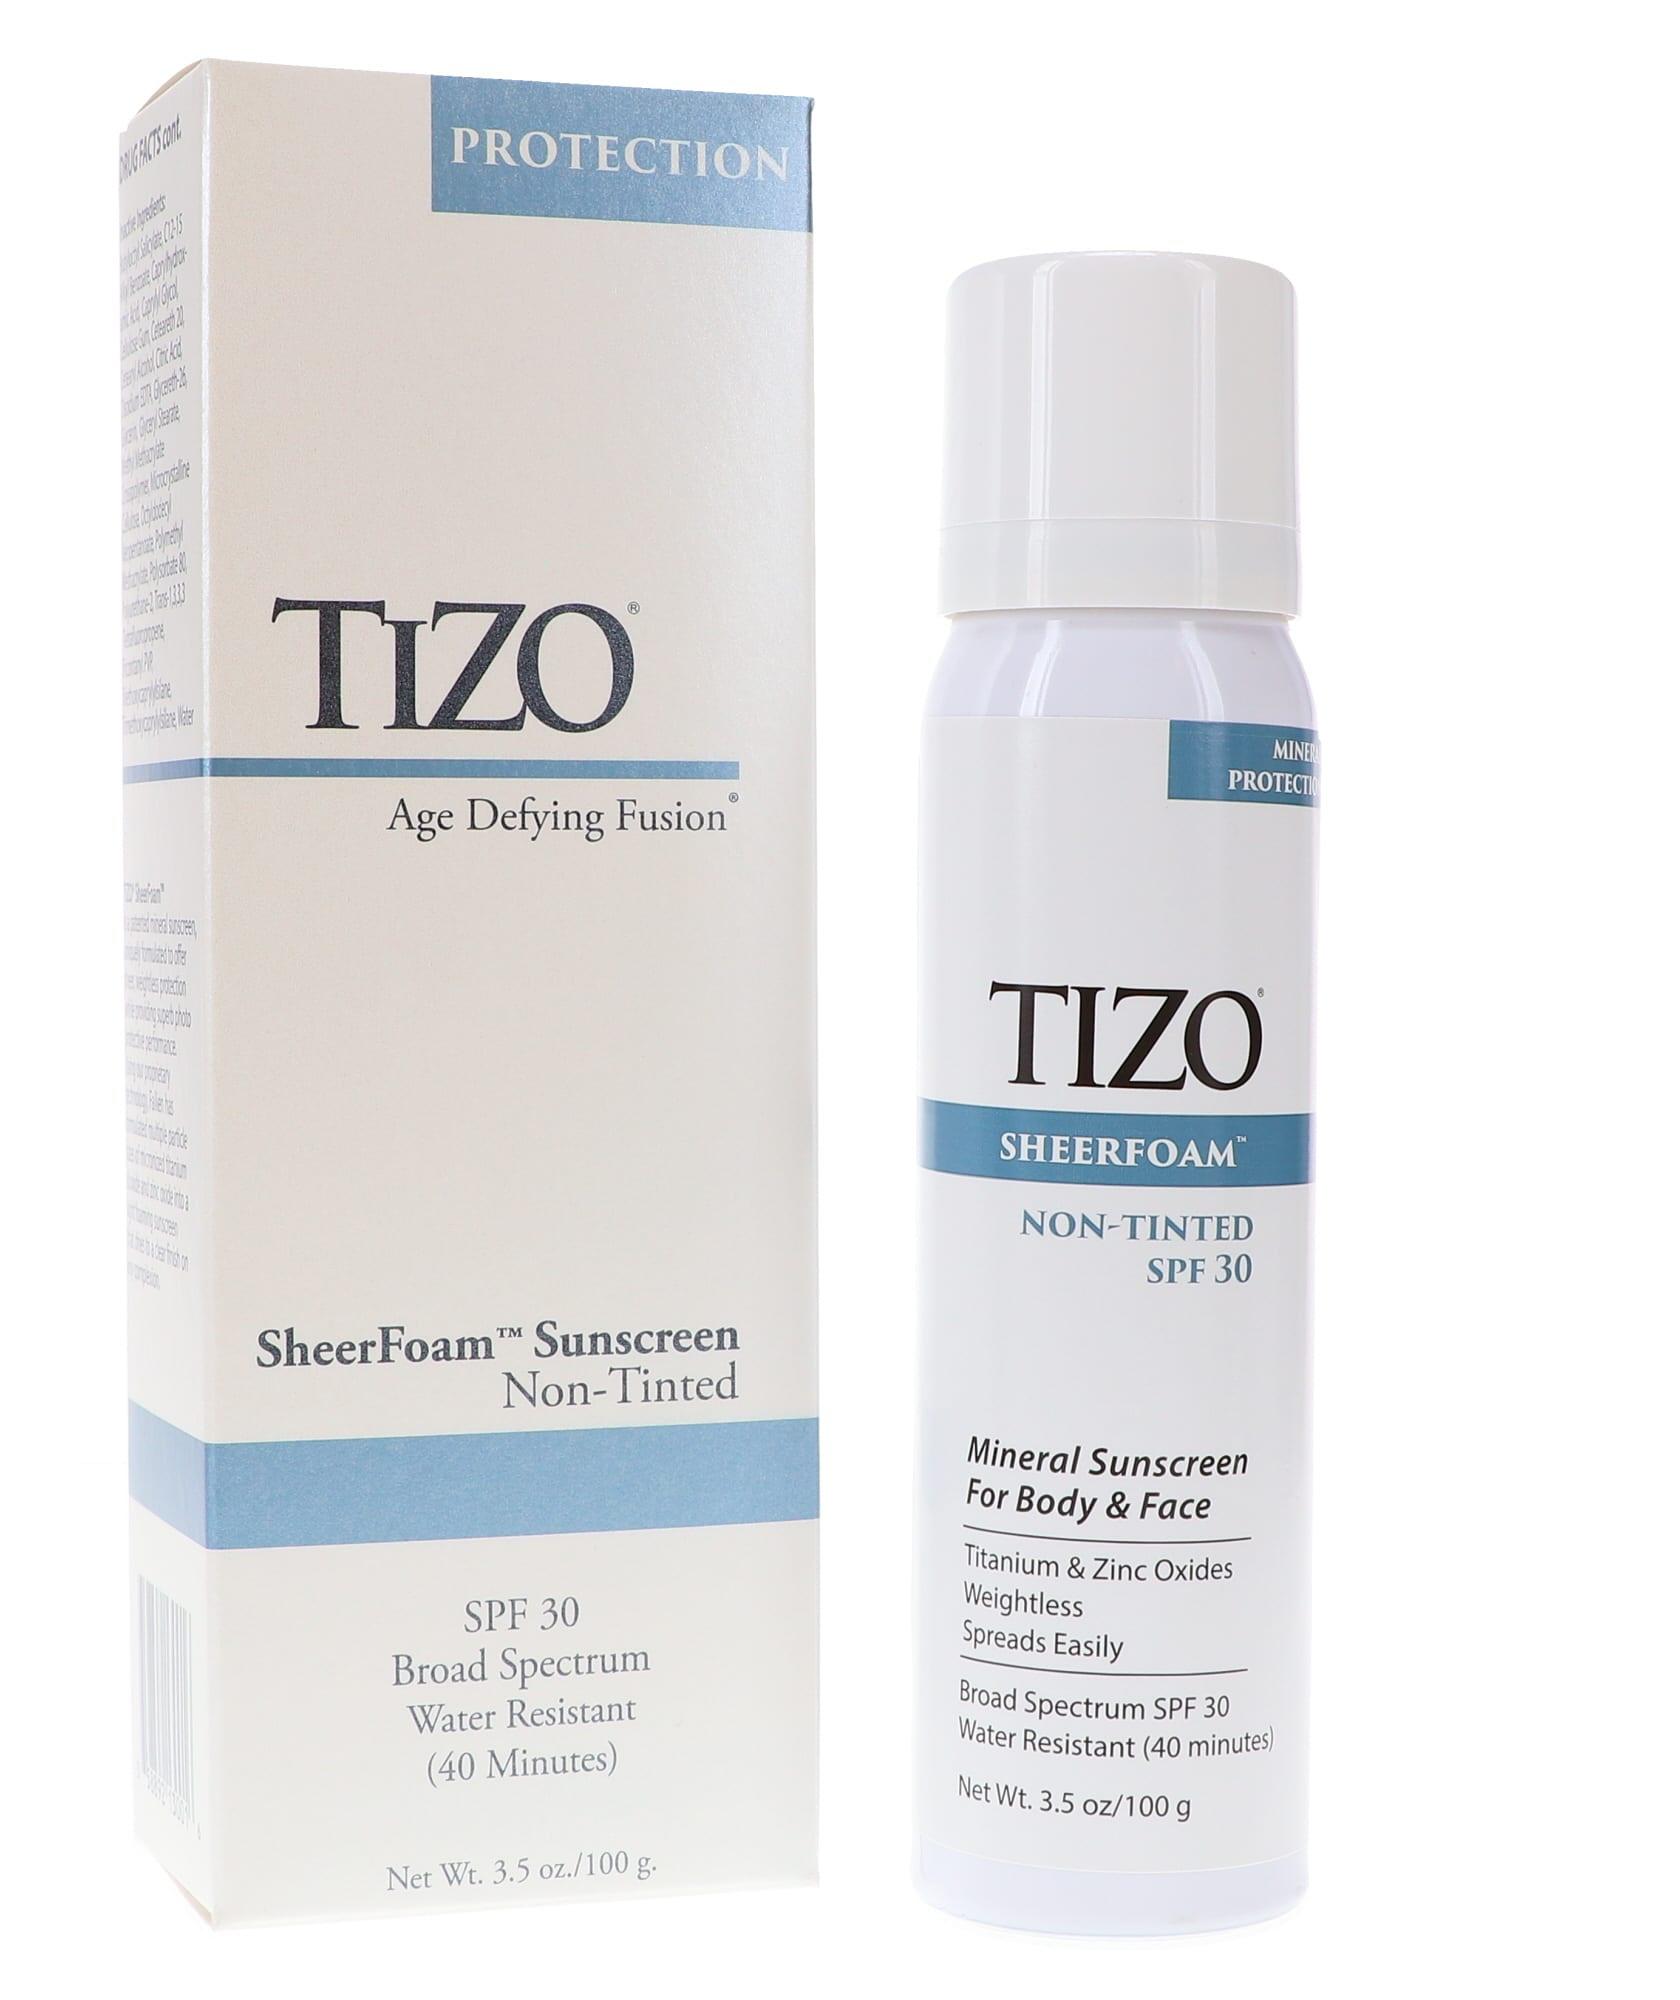 Tizo SheerFoam Body & Face Sunscreen non-tinted